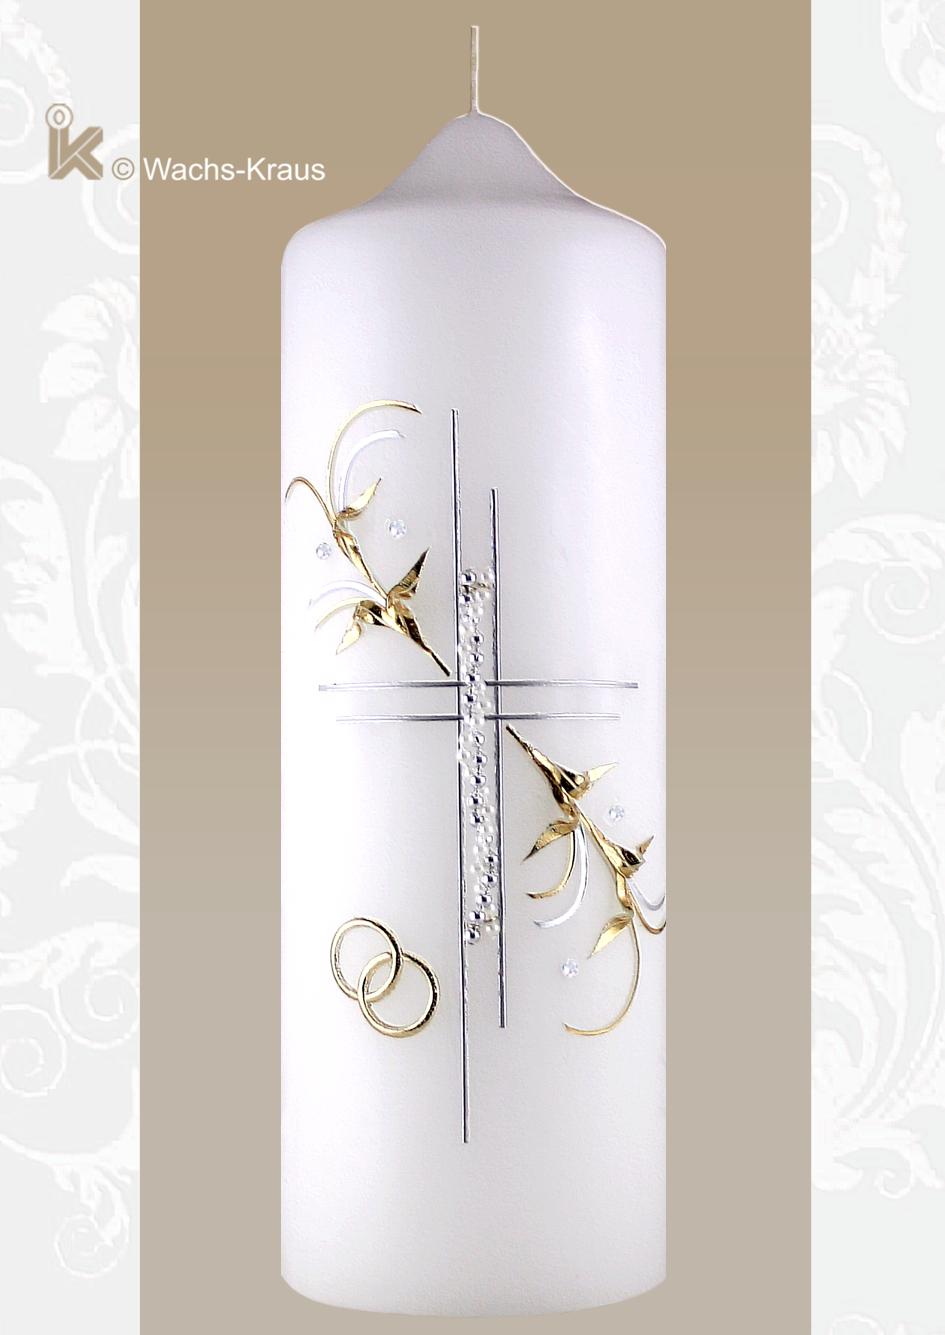 Eine wunderschöne Hochzeitskerze in Silber und Gold mit feiner Verzierung und einem sehr zarten, silberfarbenen Perlen-Kreuz und goldenen Ringen.